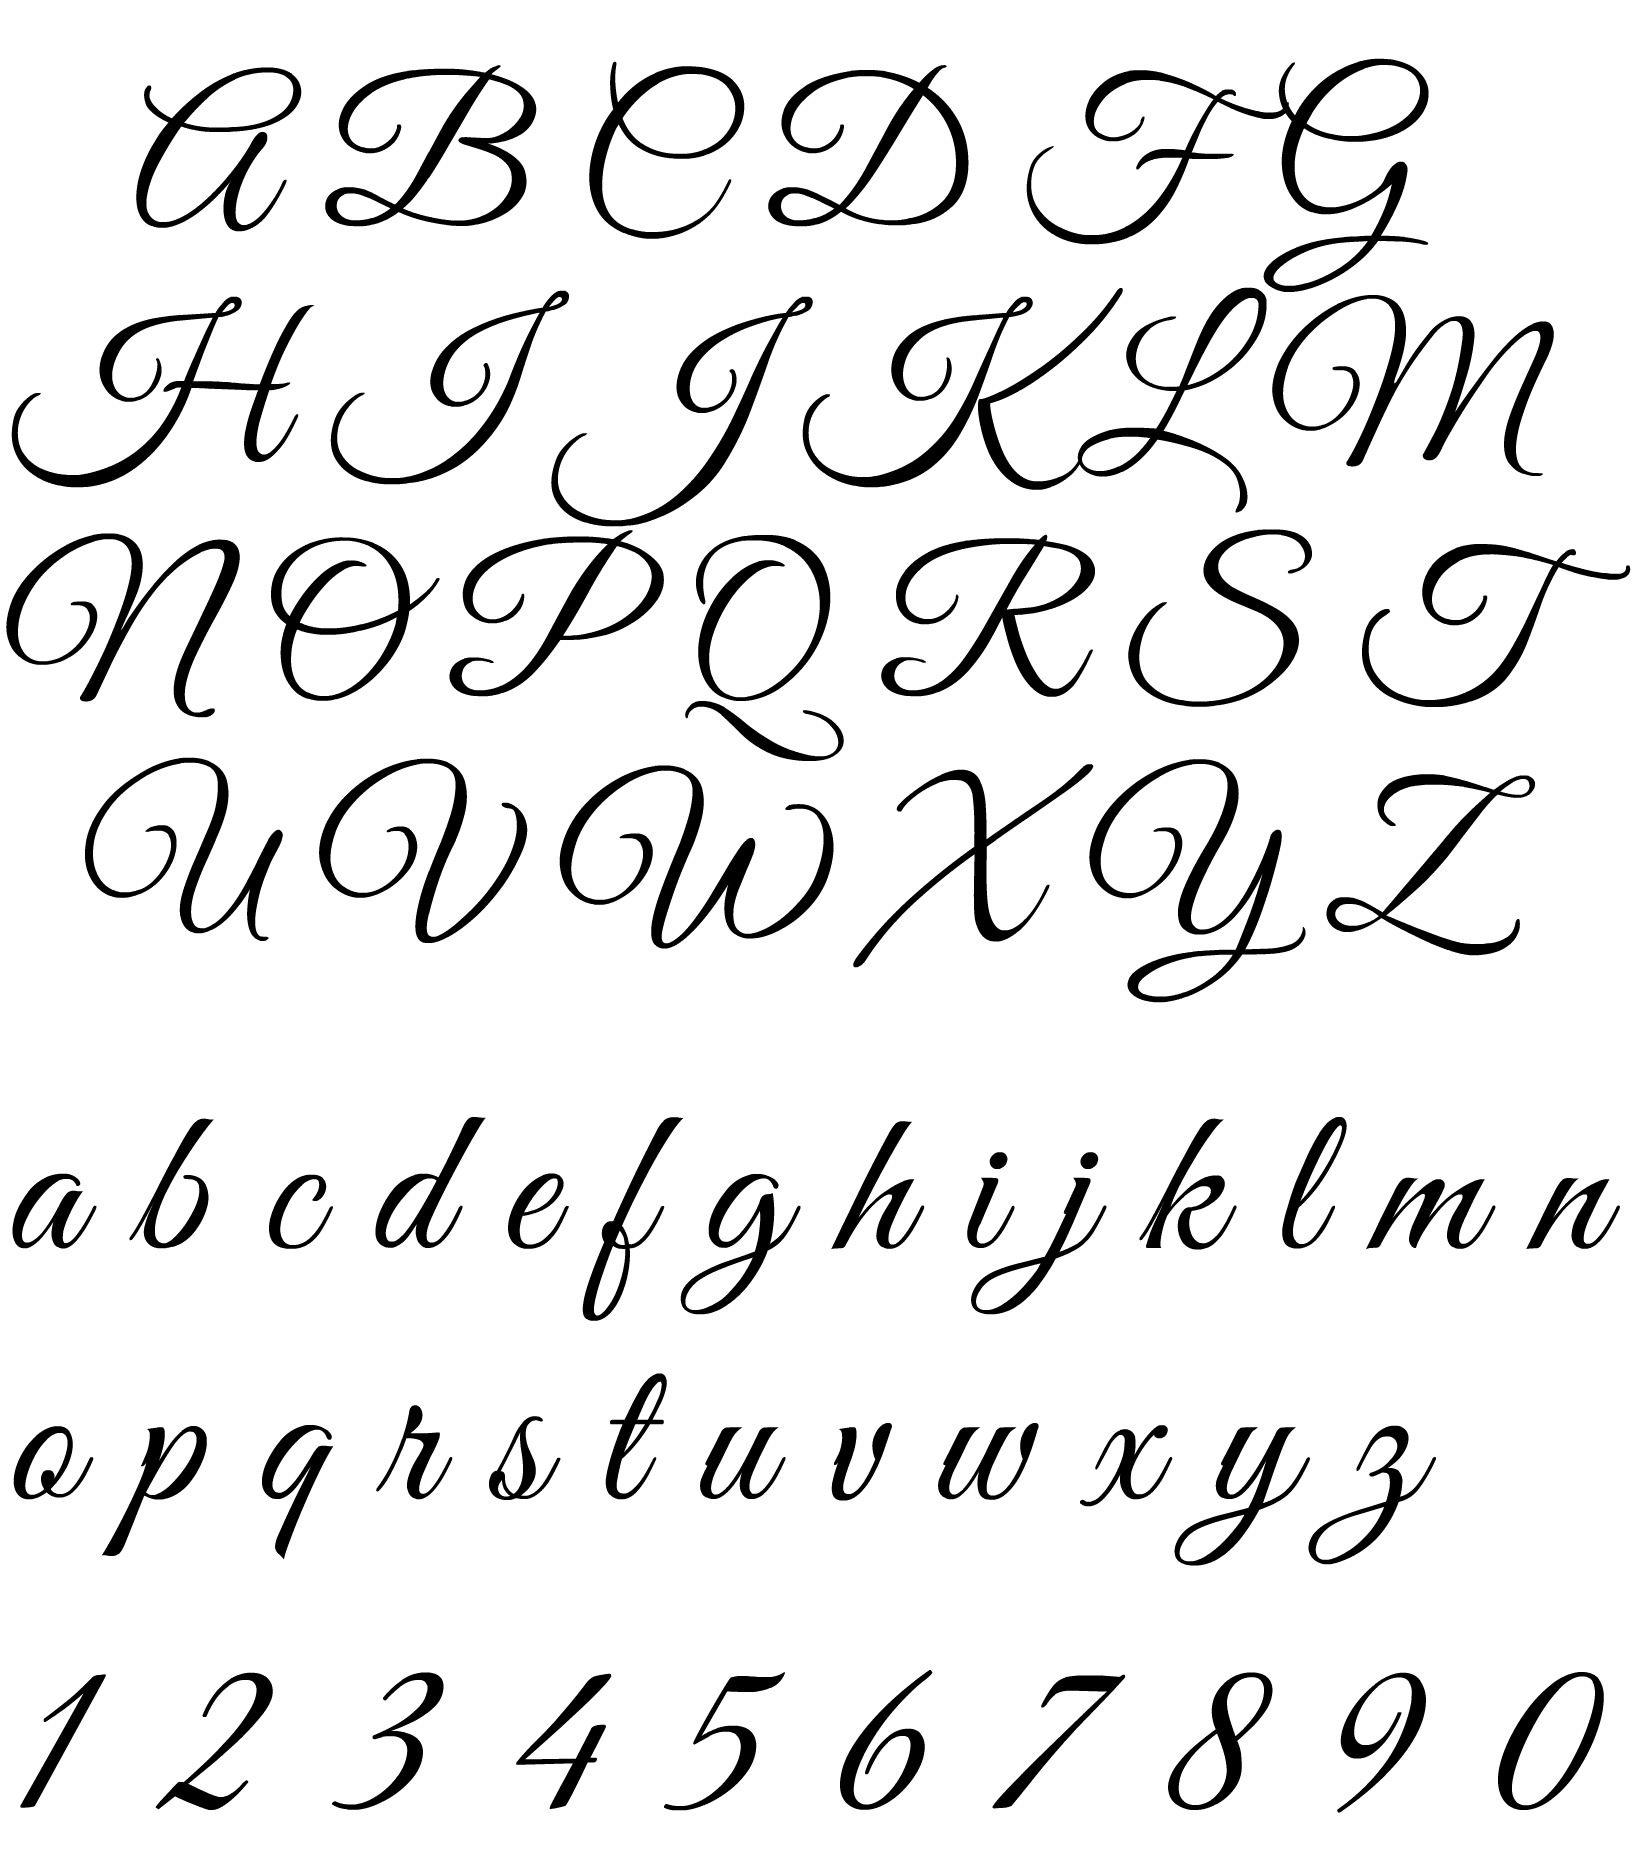 Lettere Alfabeto Corsivo Minuscolo: Alfabeto Per Tatuaggi